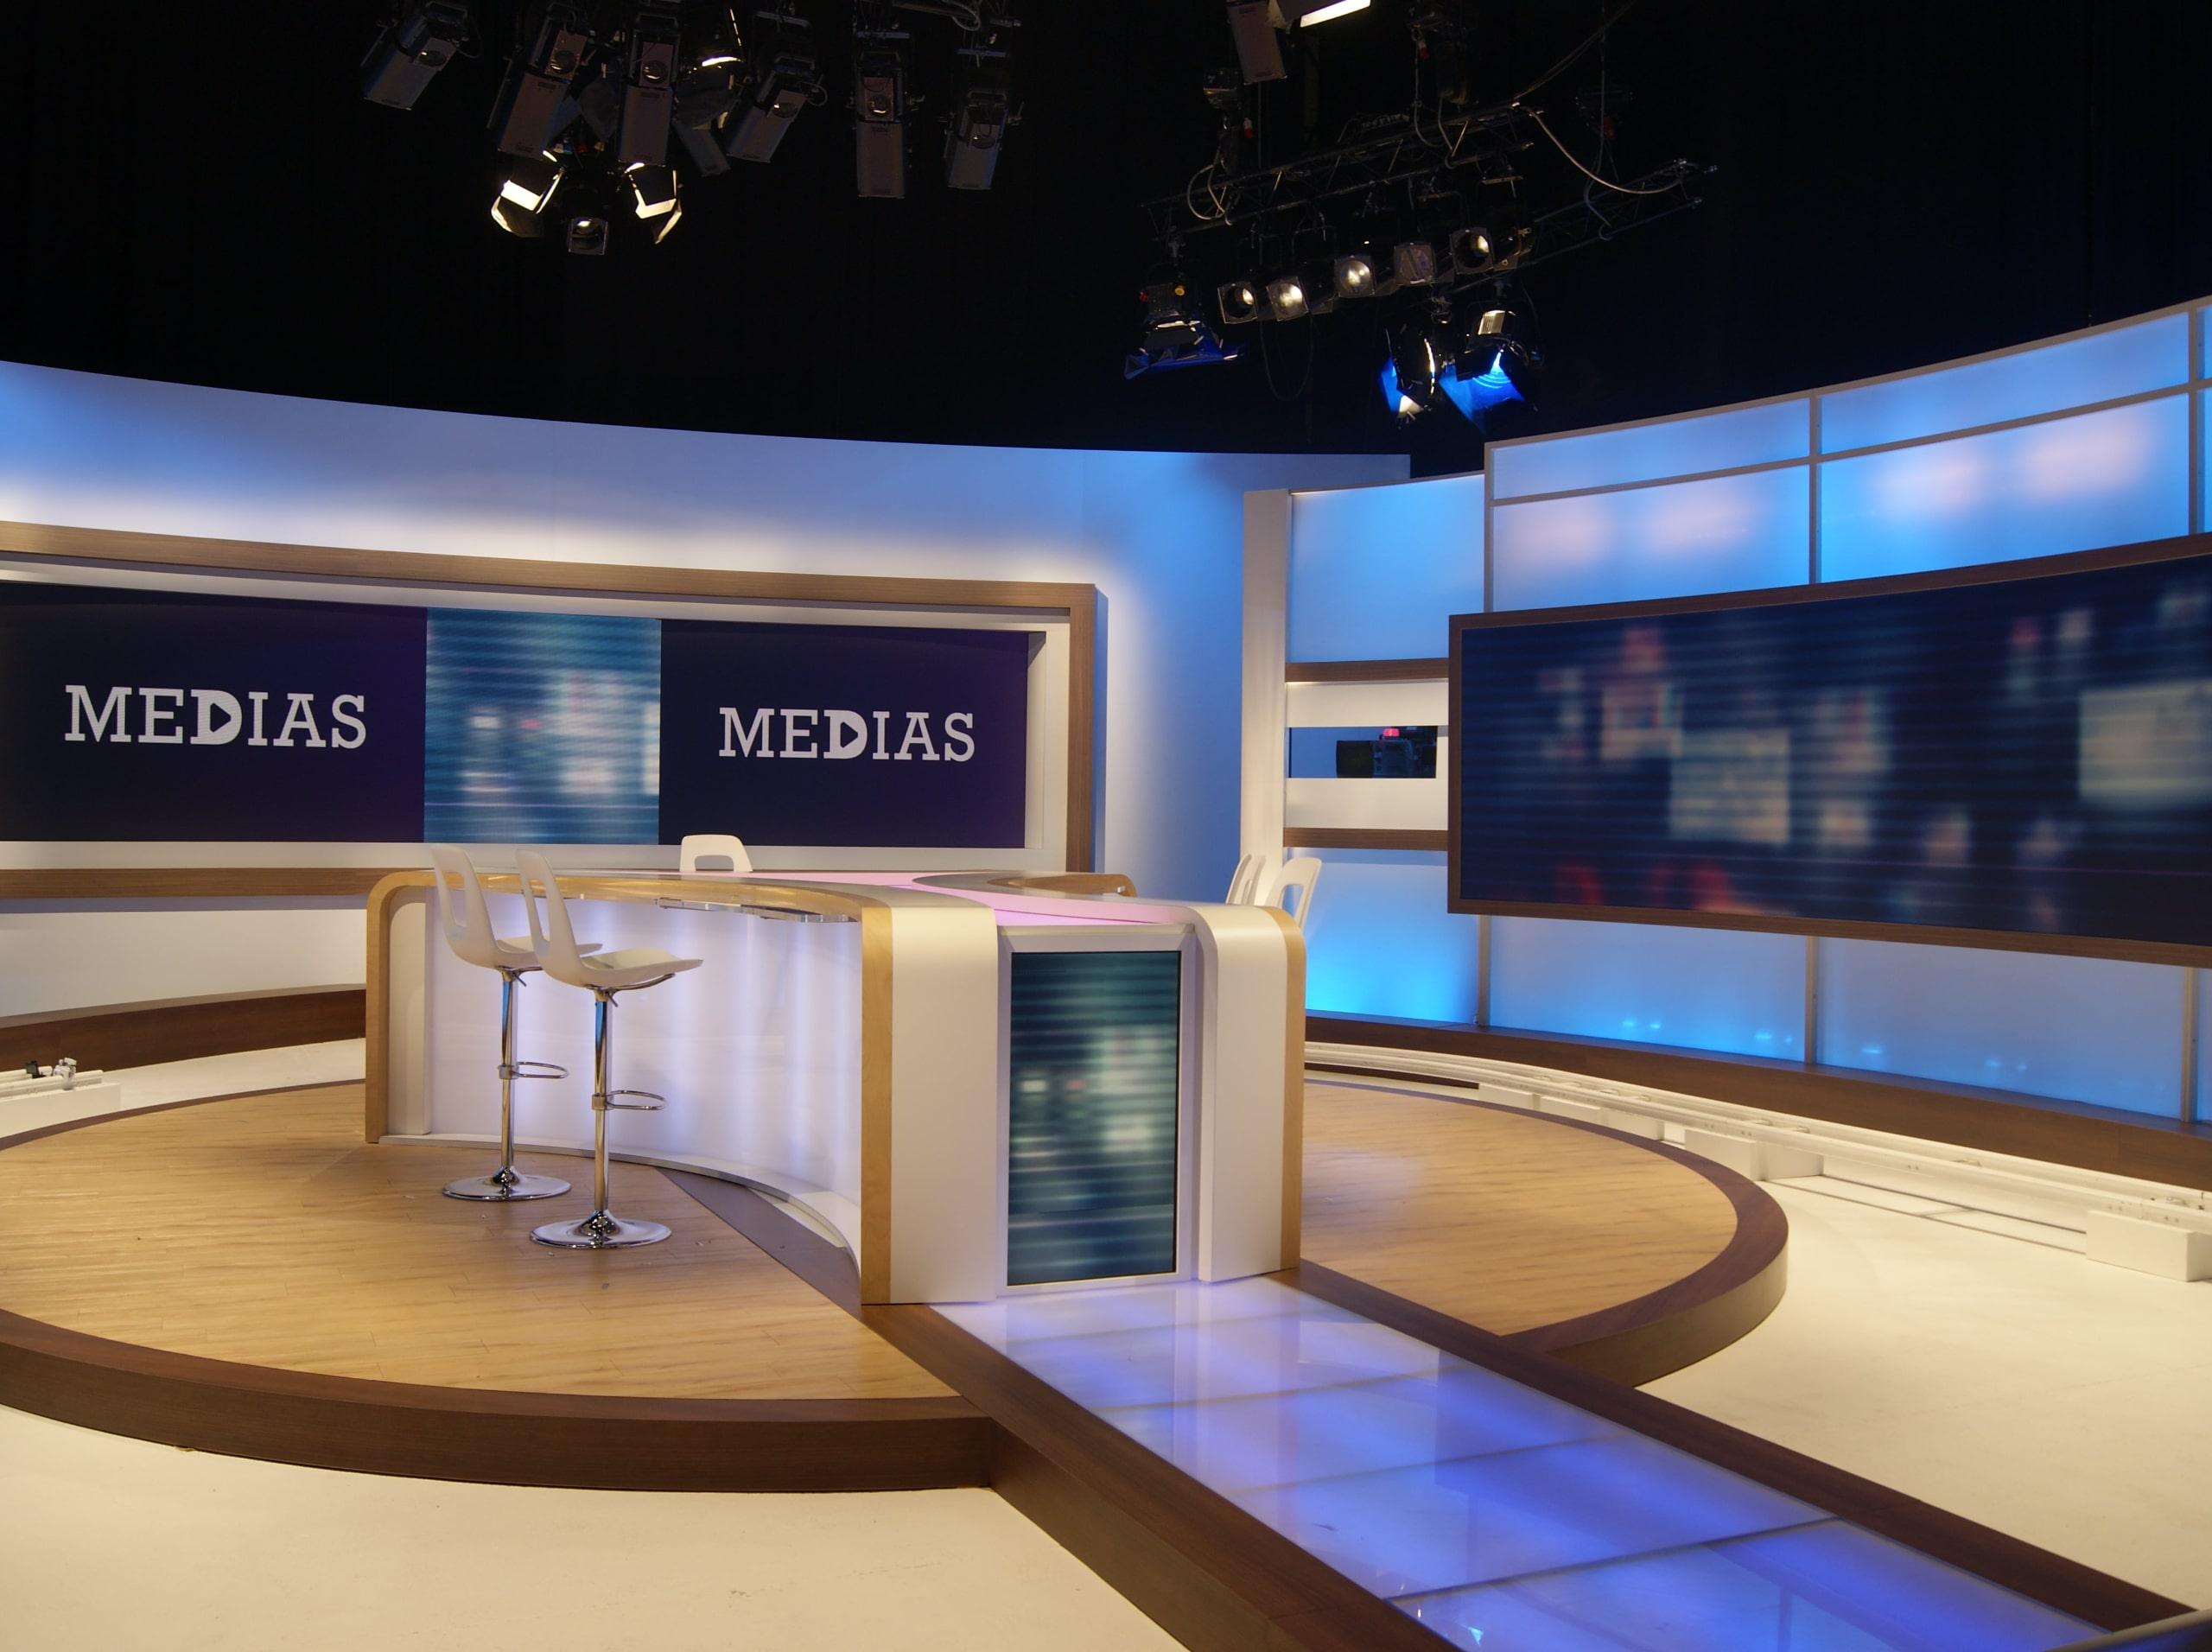 ecran led de media le mag